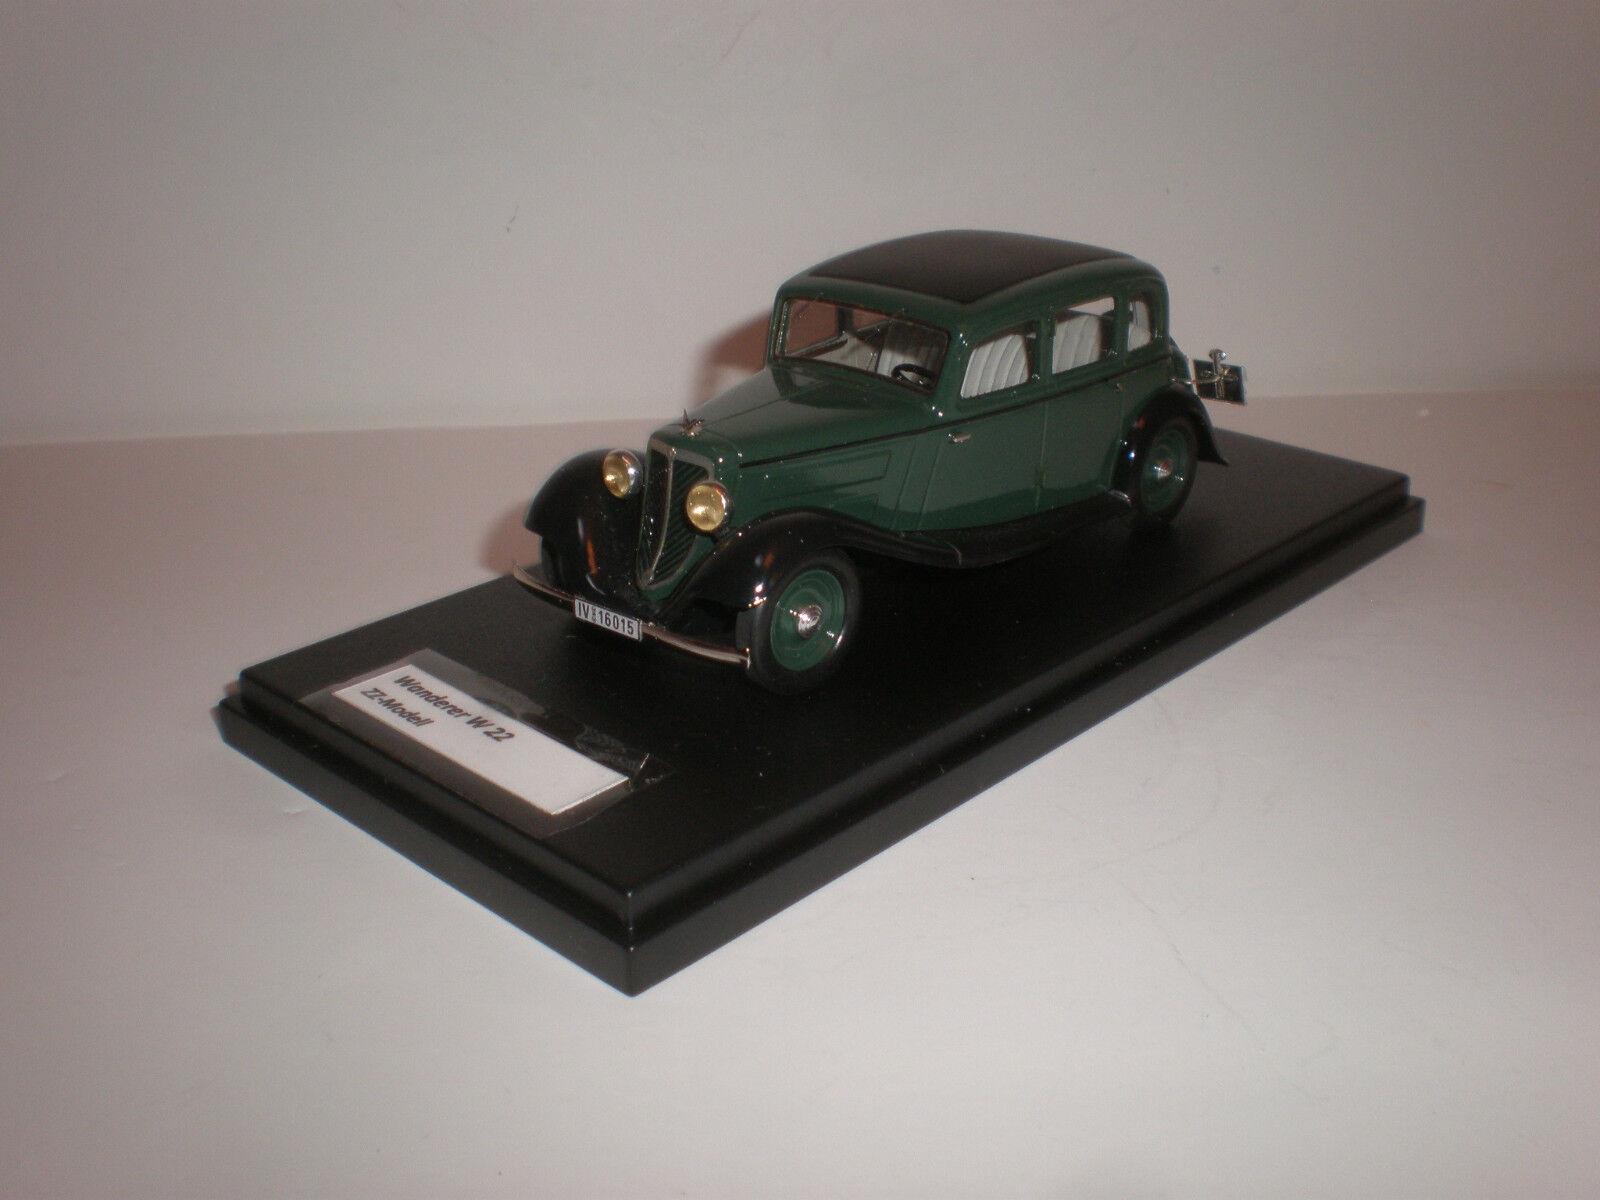 descuentos y mas Vagabundo 1 43 W 22 cuatro puertas sedán Limousine Limousine Limousine (Audi) 1933 modelos hecha por Zz  calidad oficial